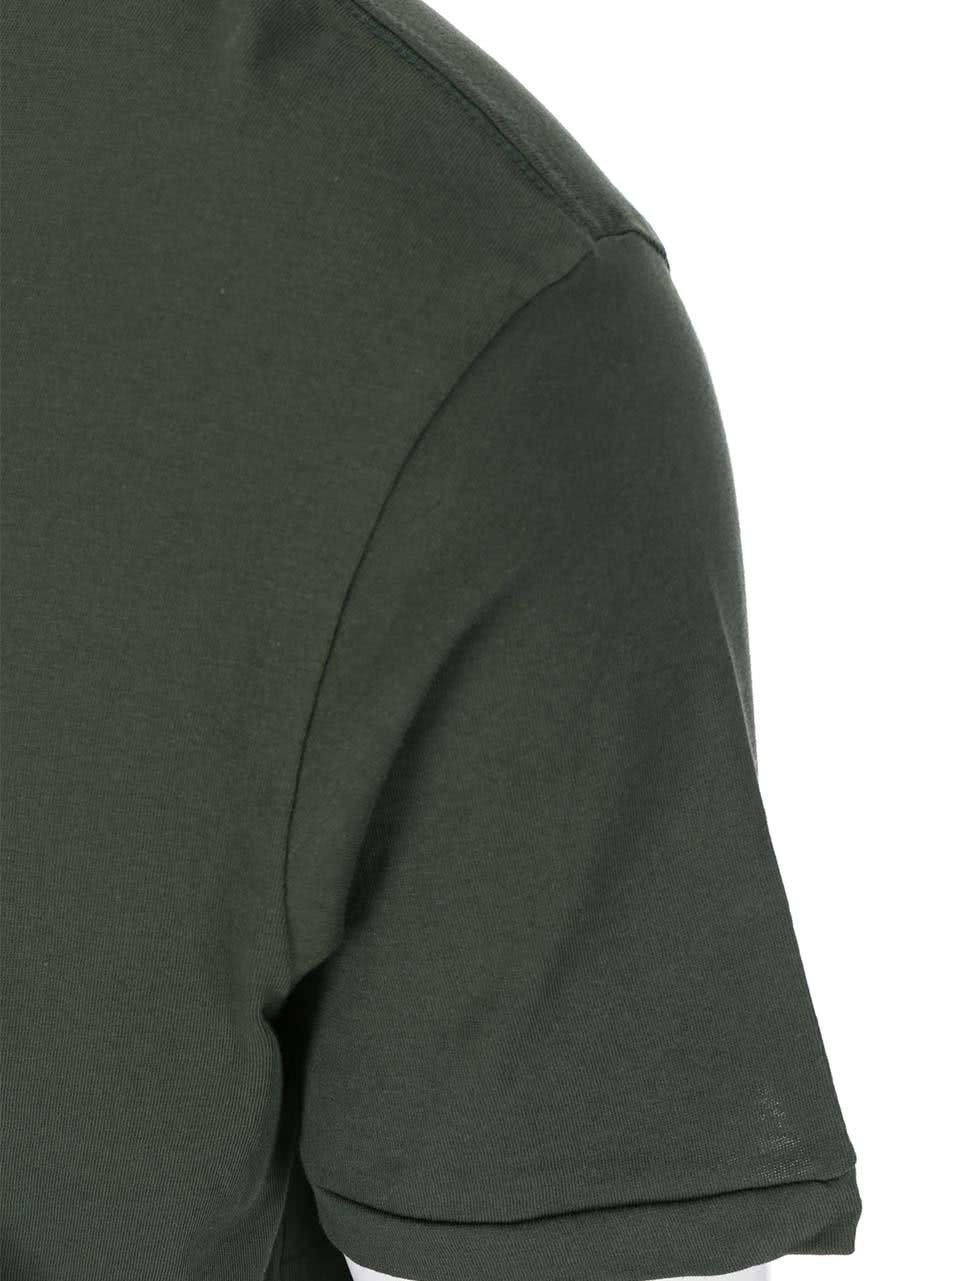 Tmavě zelené triko s prodlouženou zadní částí Shine Original ... 4a78c93f56